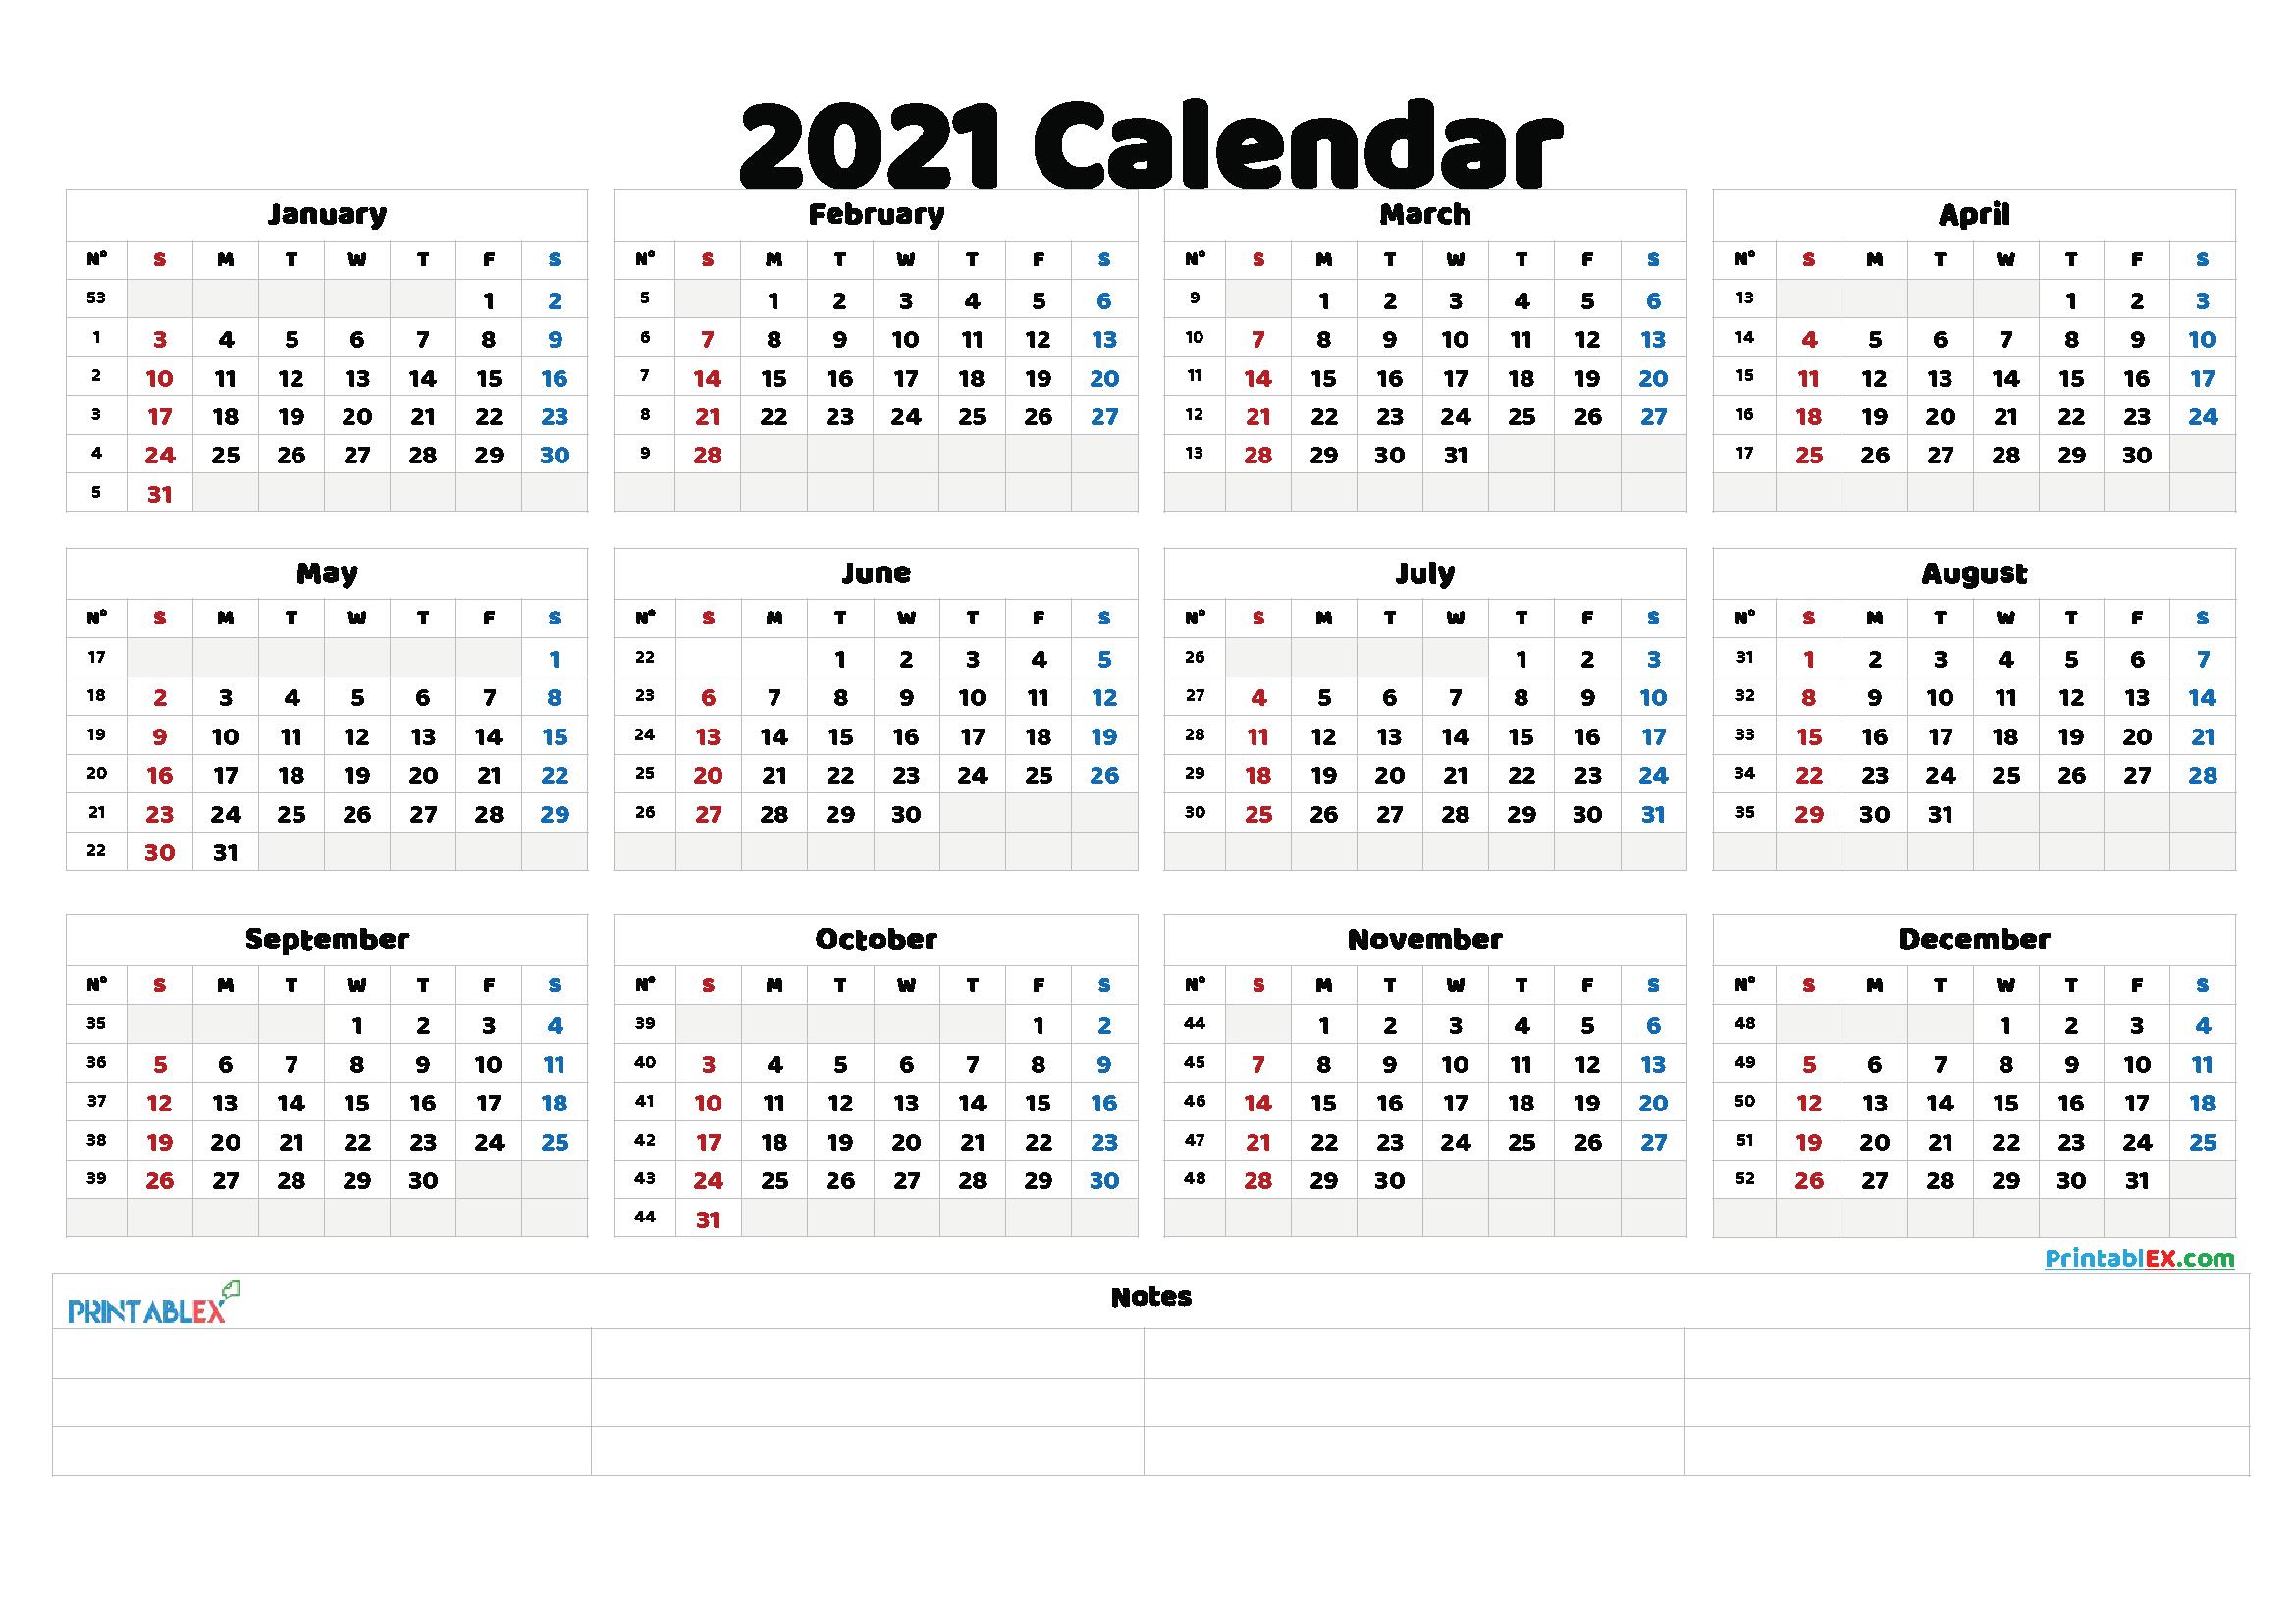 20 Calendar 2021week Number Free Download Printable 1